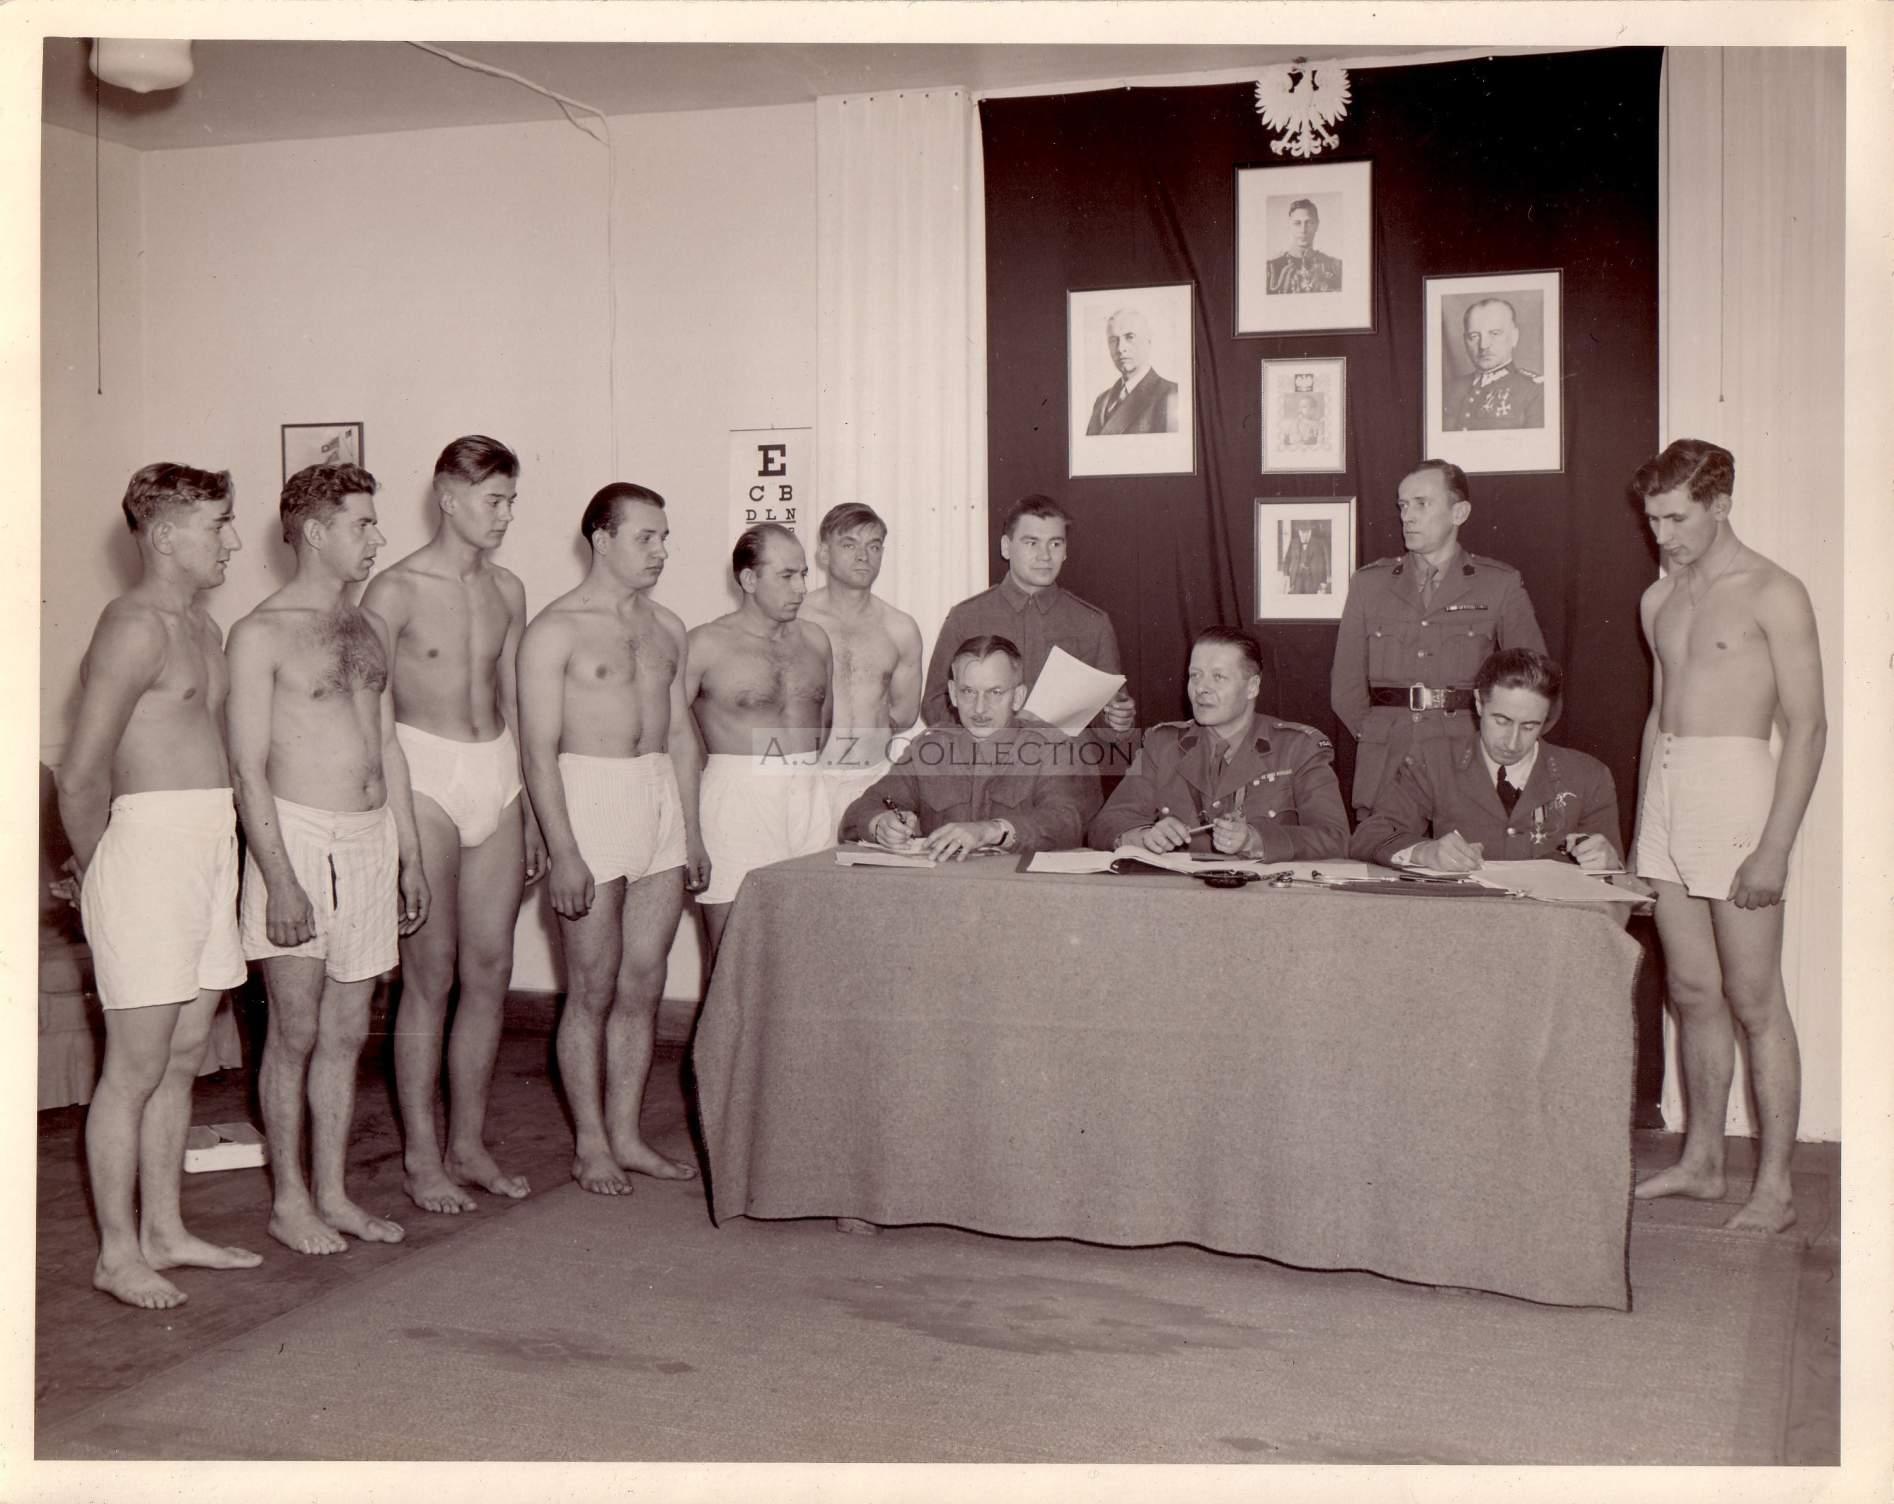 image Naked boys physical exams medical massage